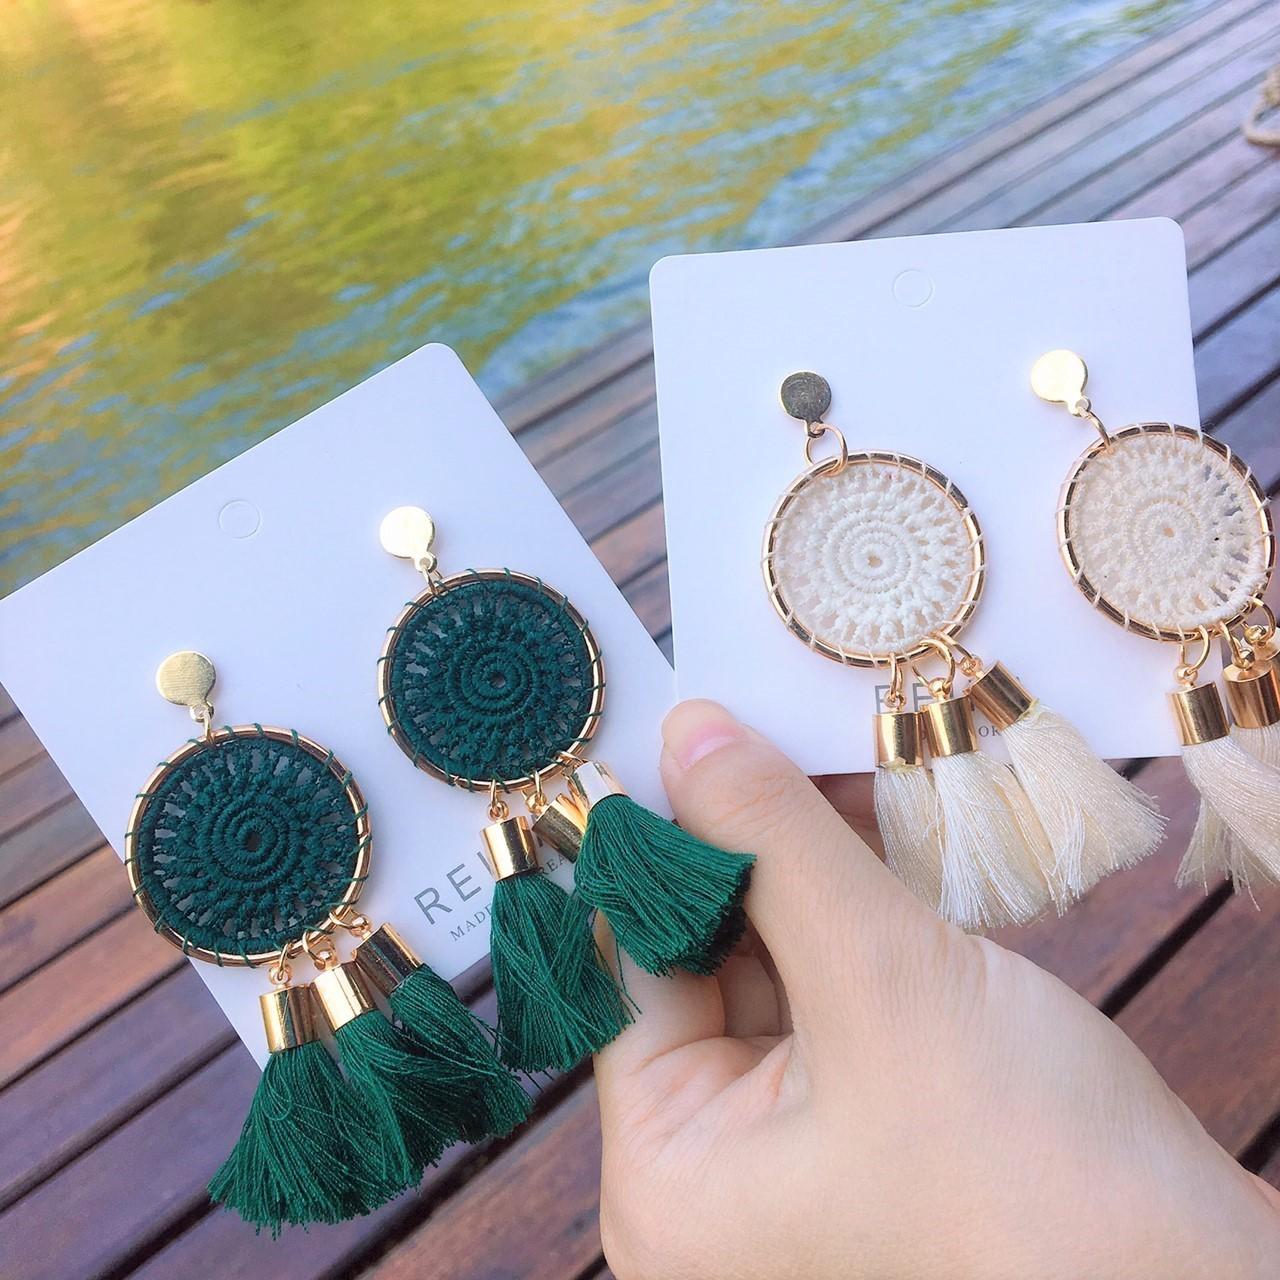 蕾絲針織造型捕夢網流蘇渡假風浪漫甜美垂墜耳環